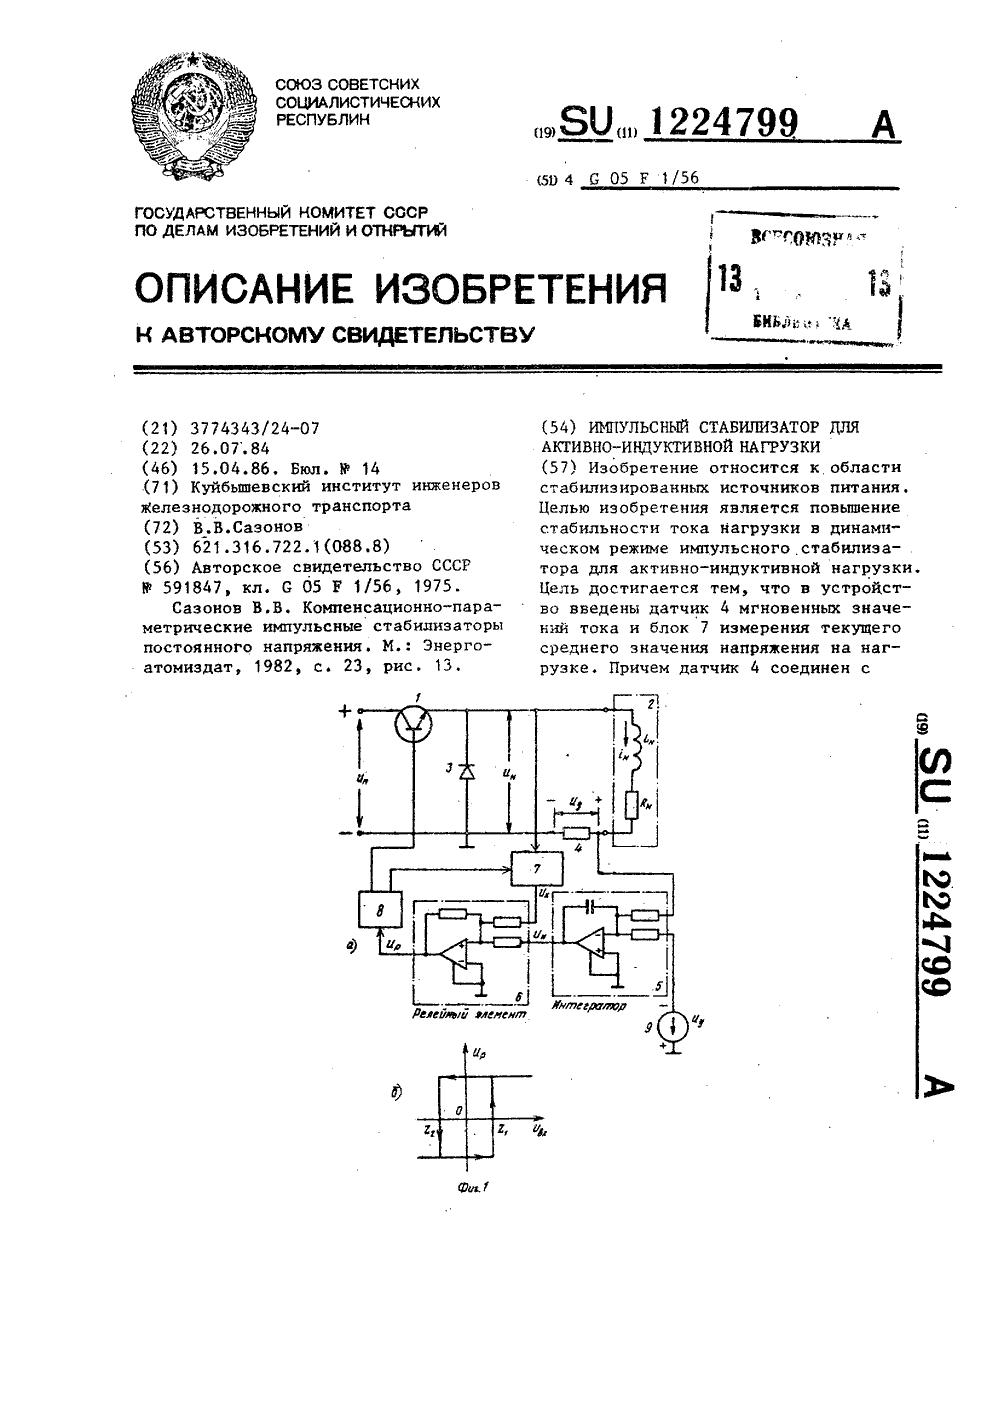 схема импульсного транзисторного стабилизатора